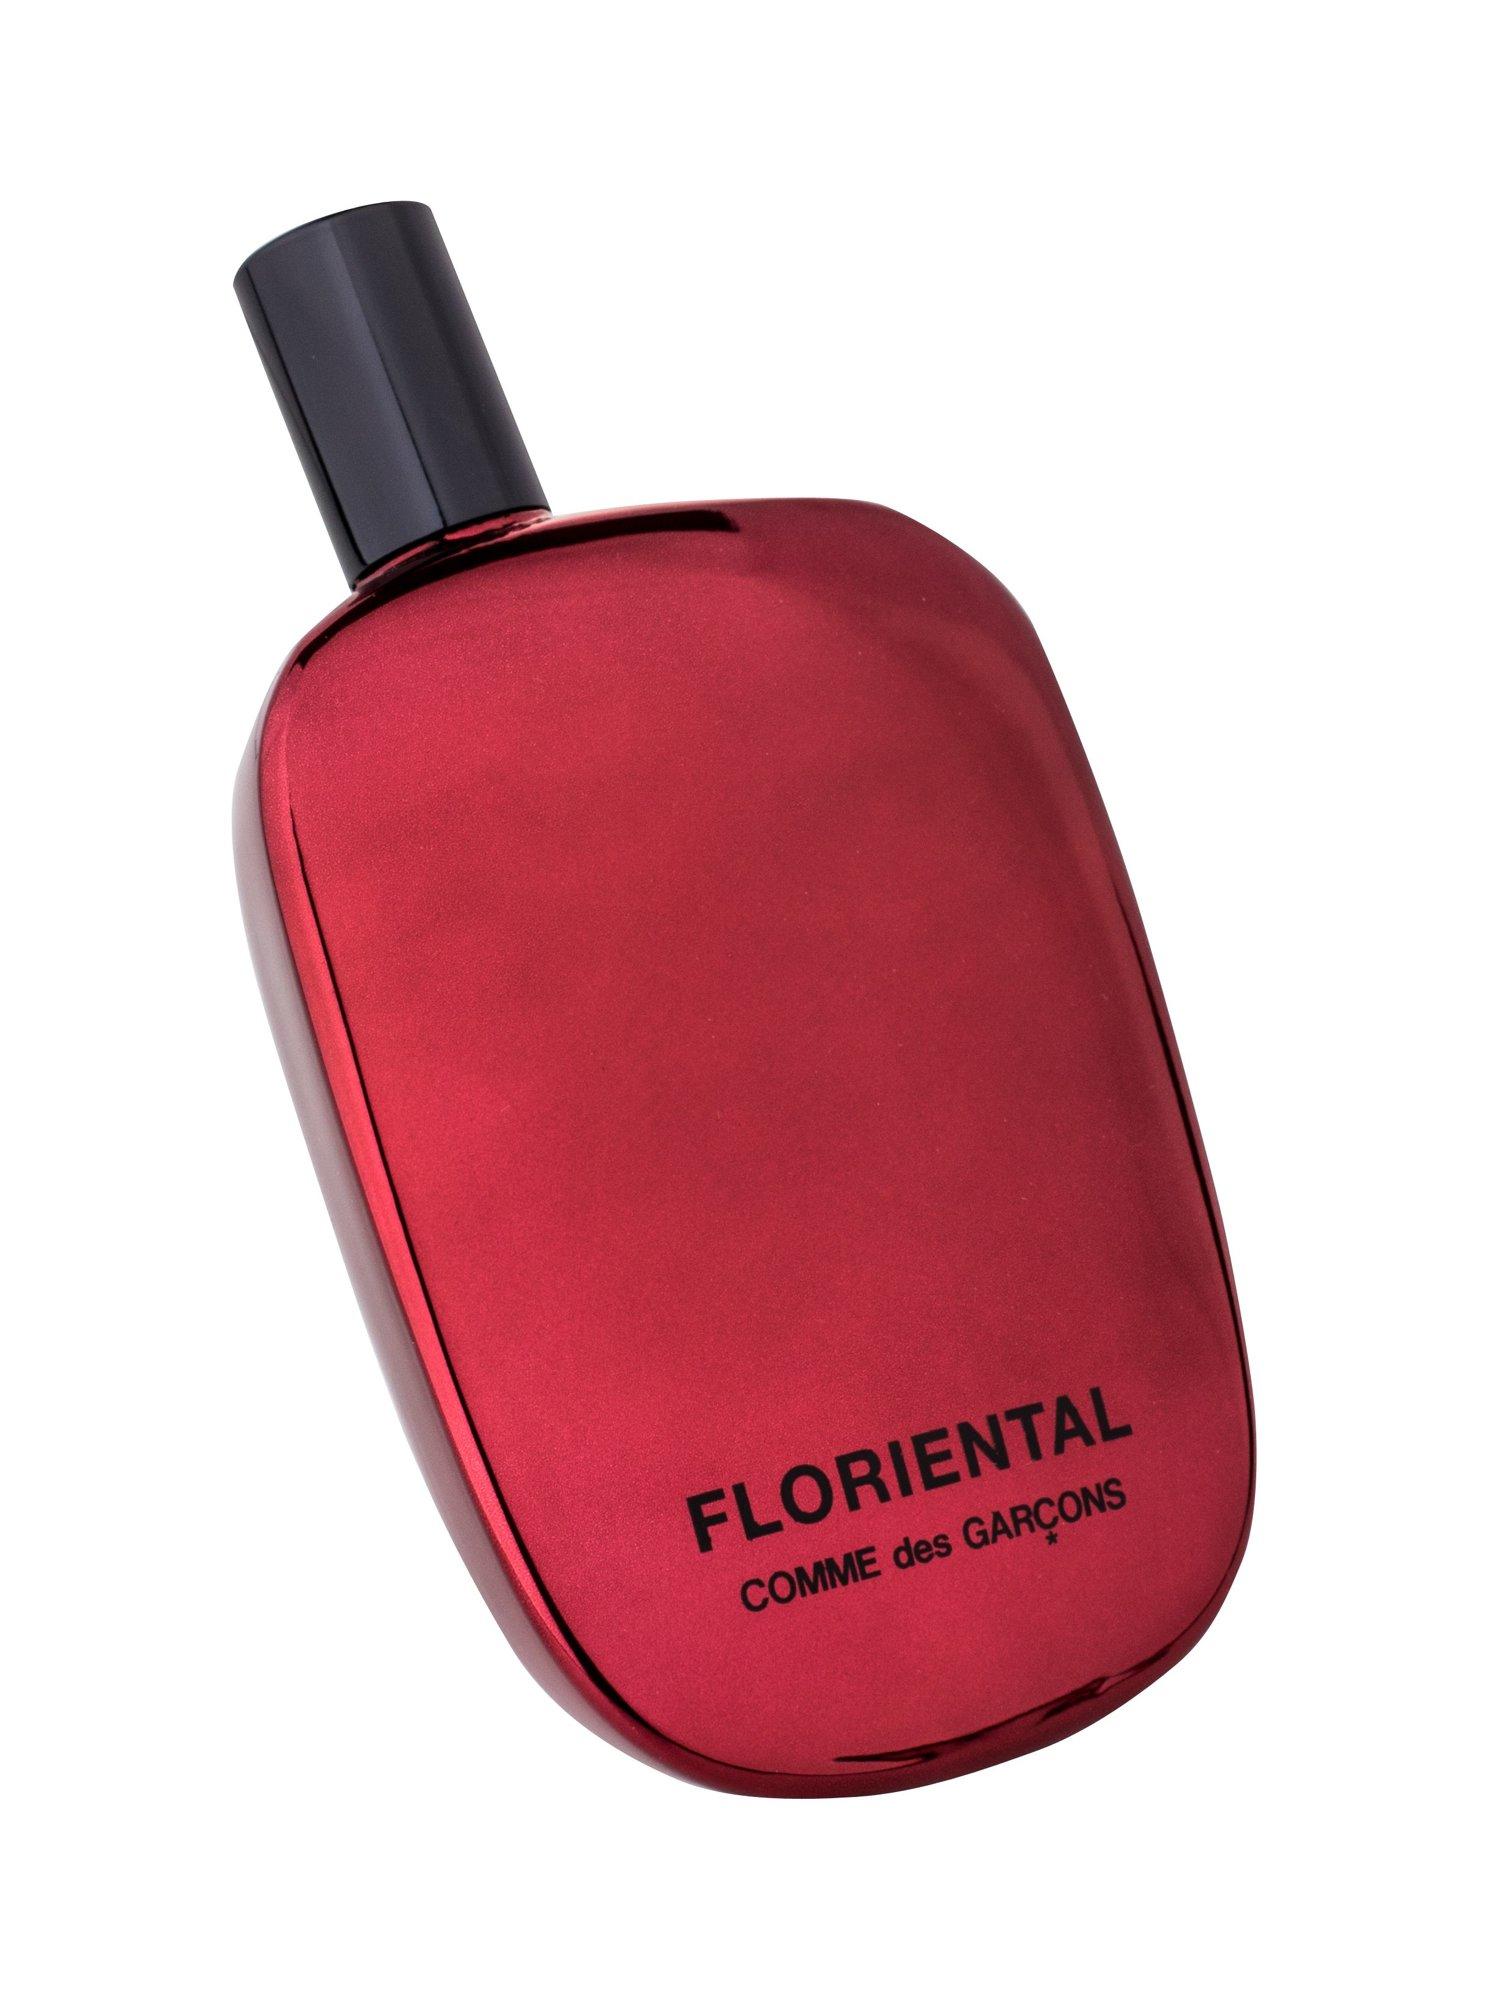 COMME des GARCONS Floriental Eau de Parfum 100ml